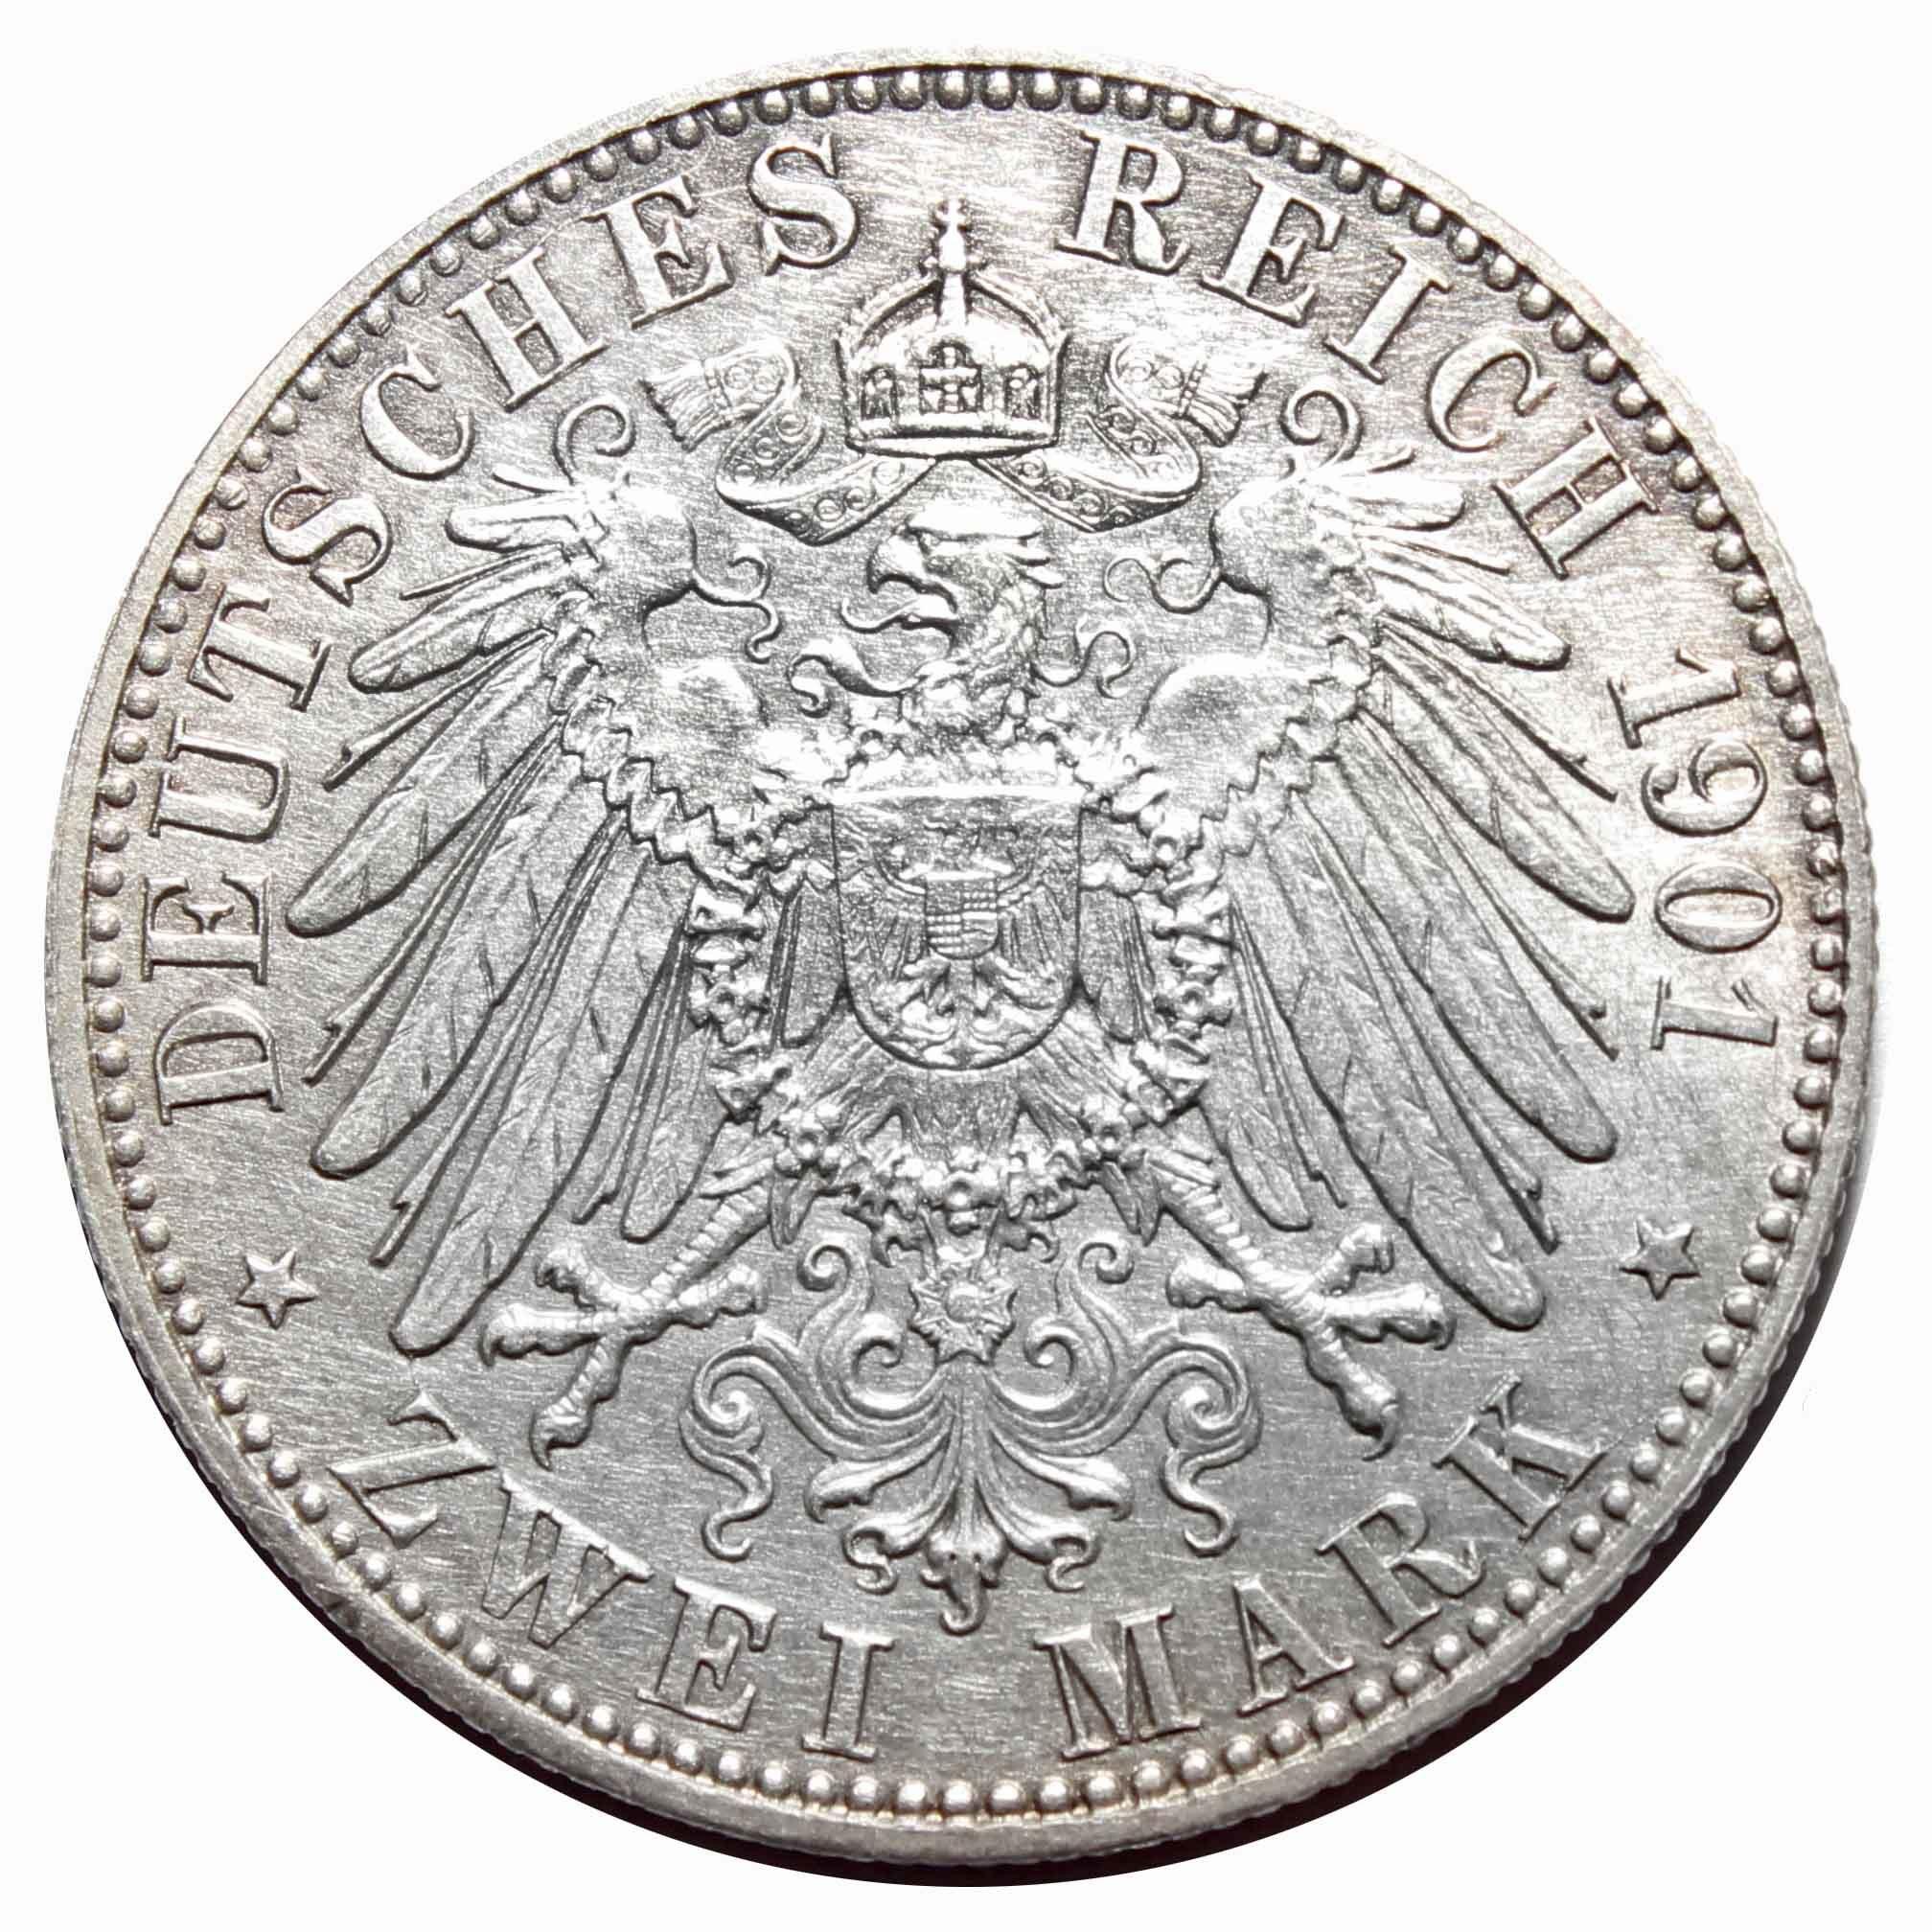 2 марки 1901 Германия-Пруссия (200 лет династии) XF